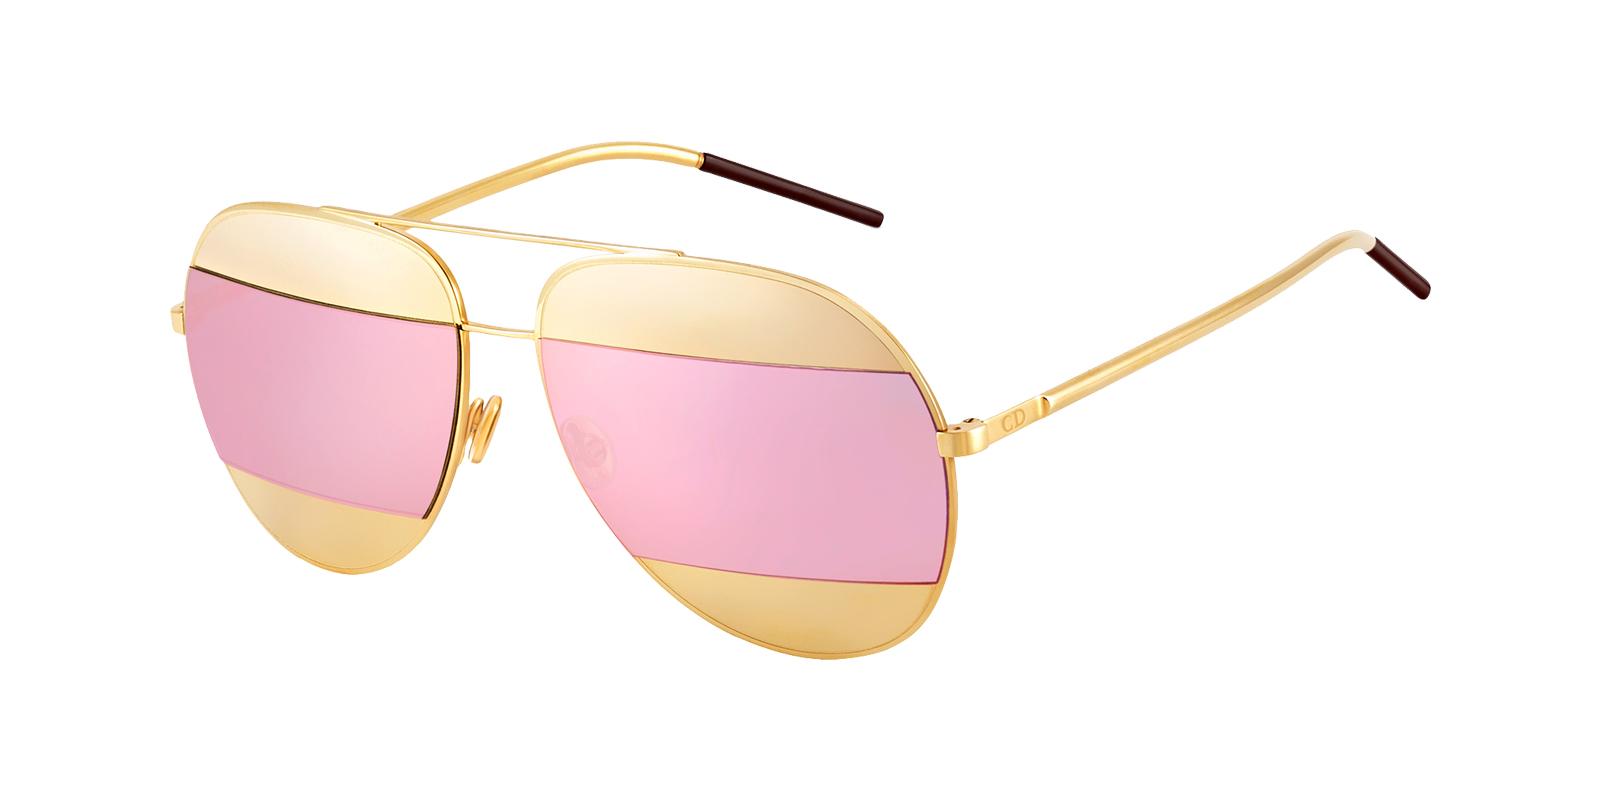 42b24837ae7 Estilo AP » Conheças as tendências em óculos de sol para o outono ...